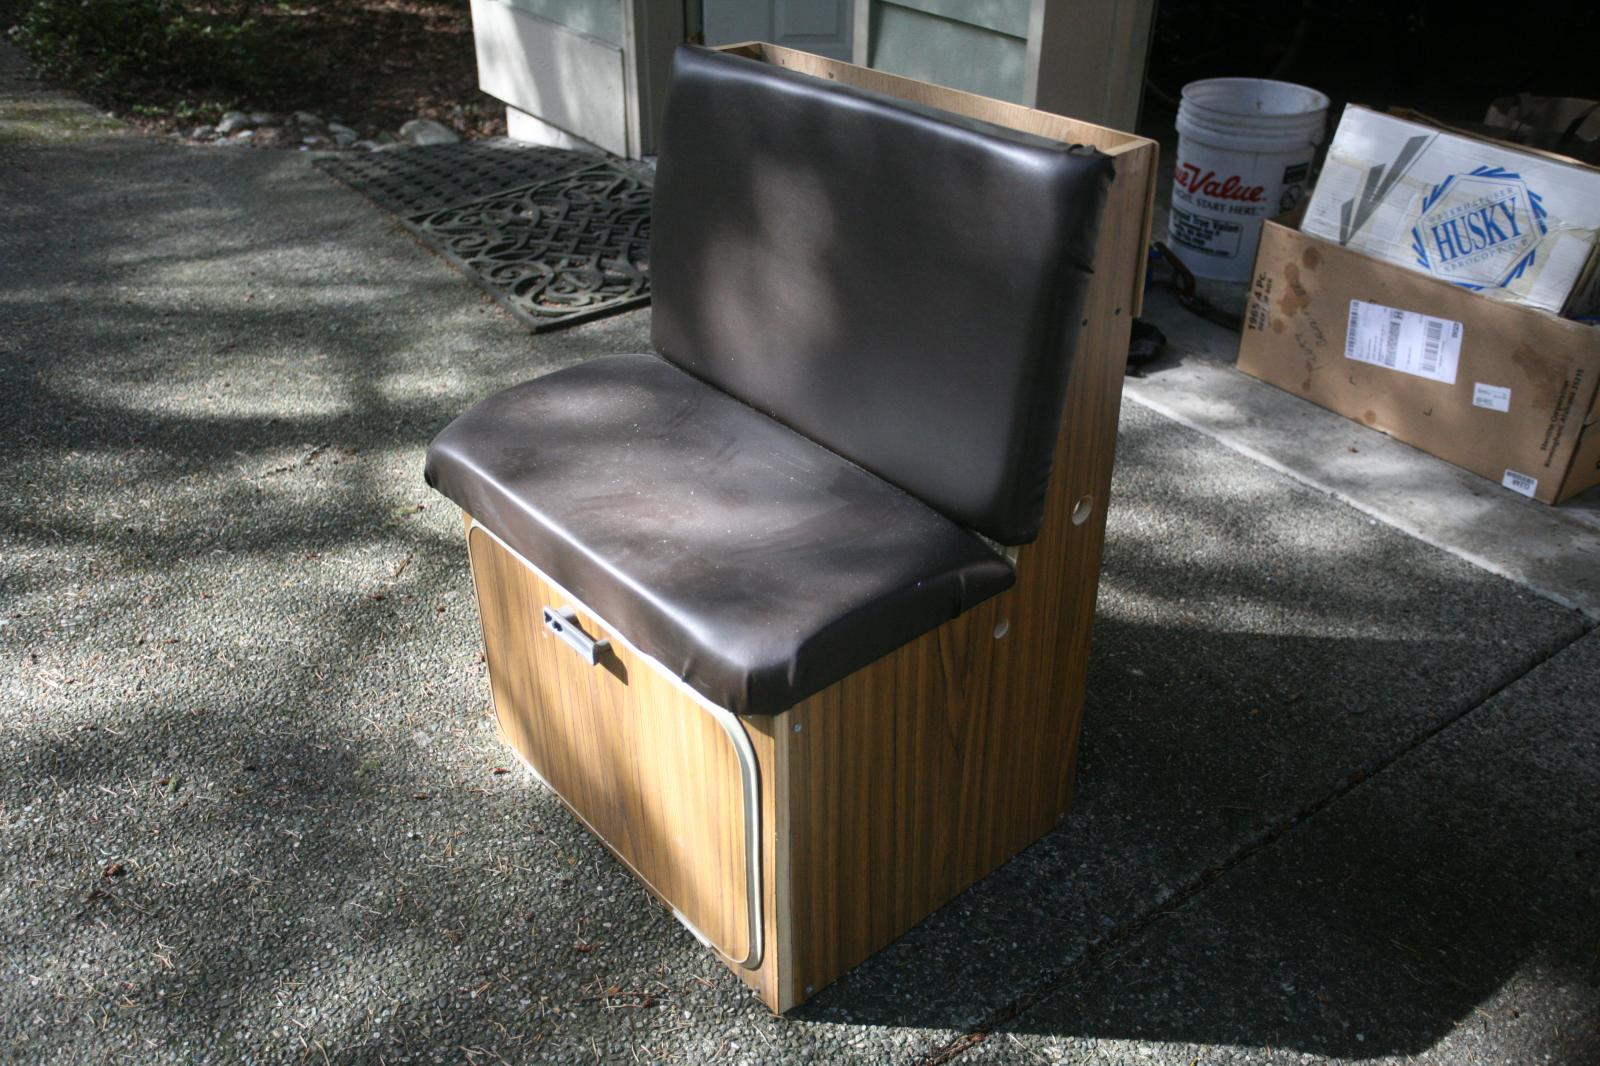 Vanagon/bus jumpseat/storage